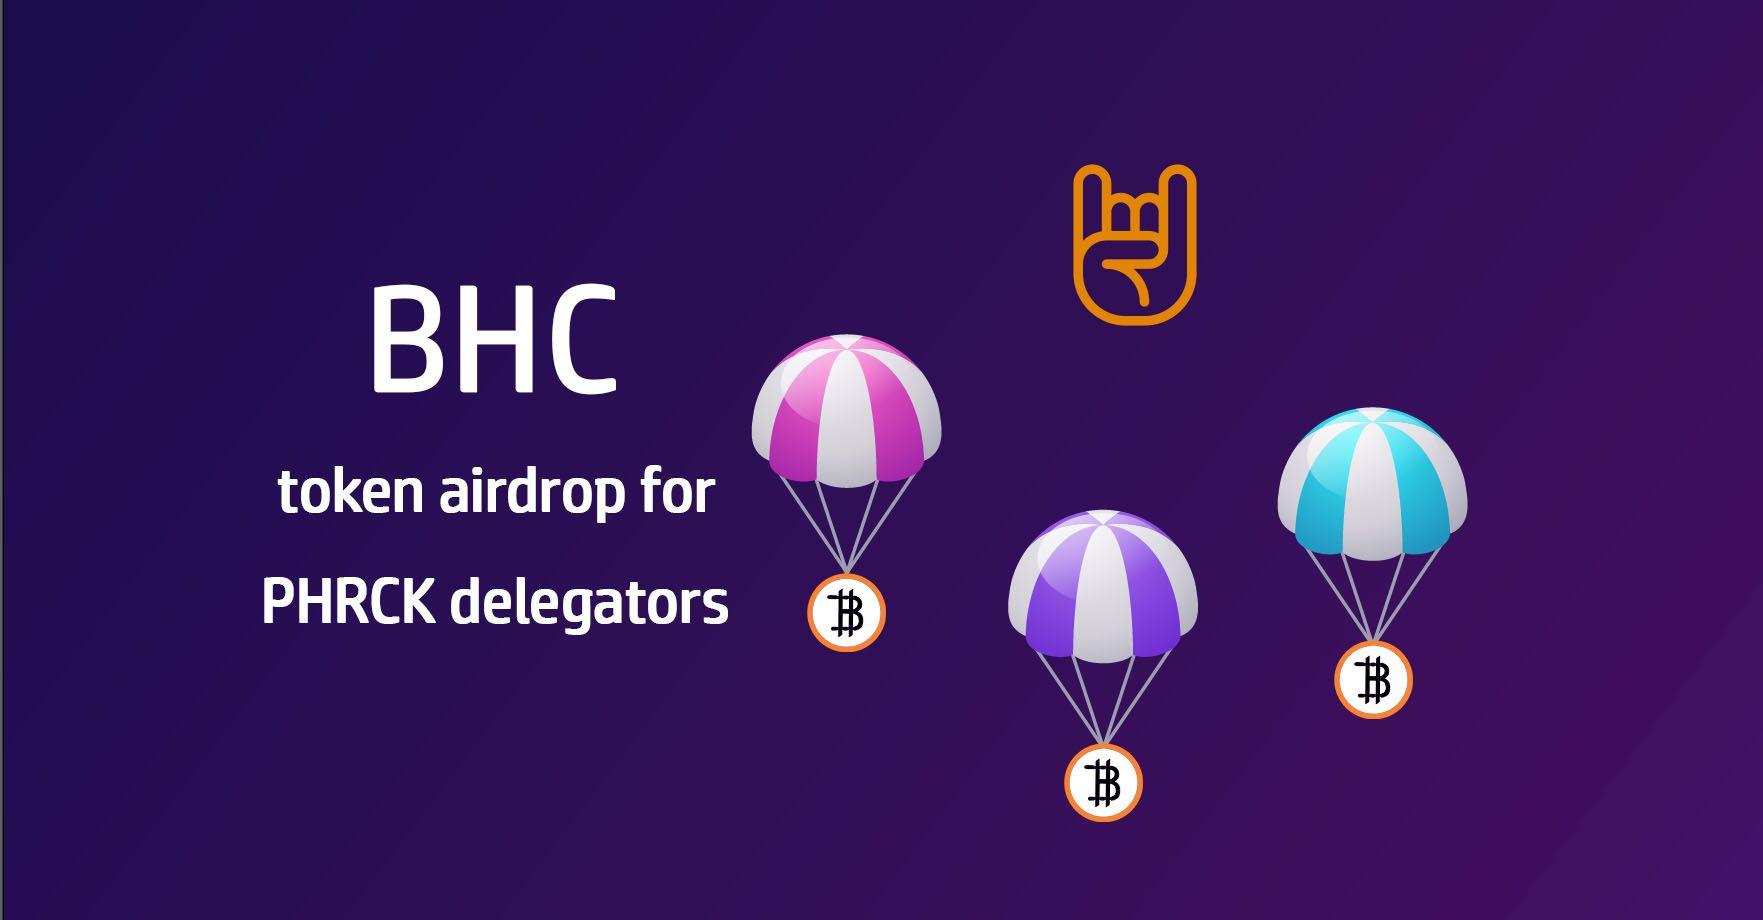 2021-01-27_bhc_airdrop.jpg